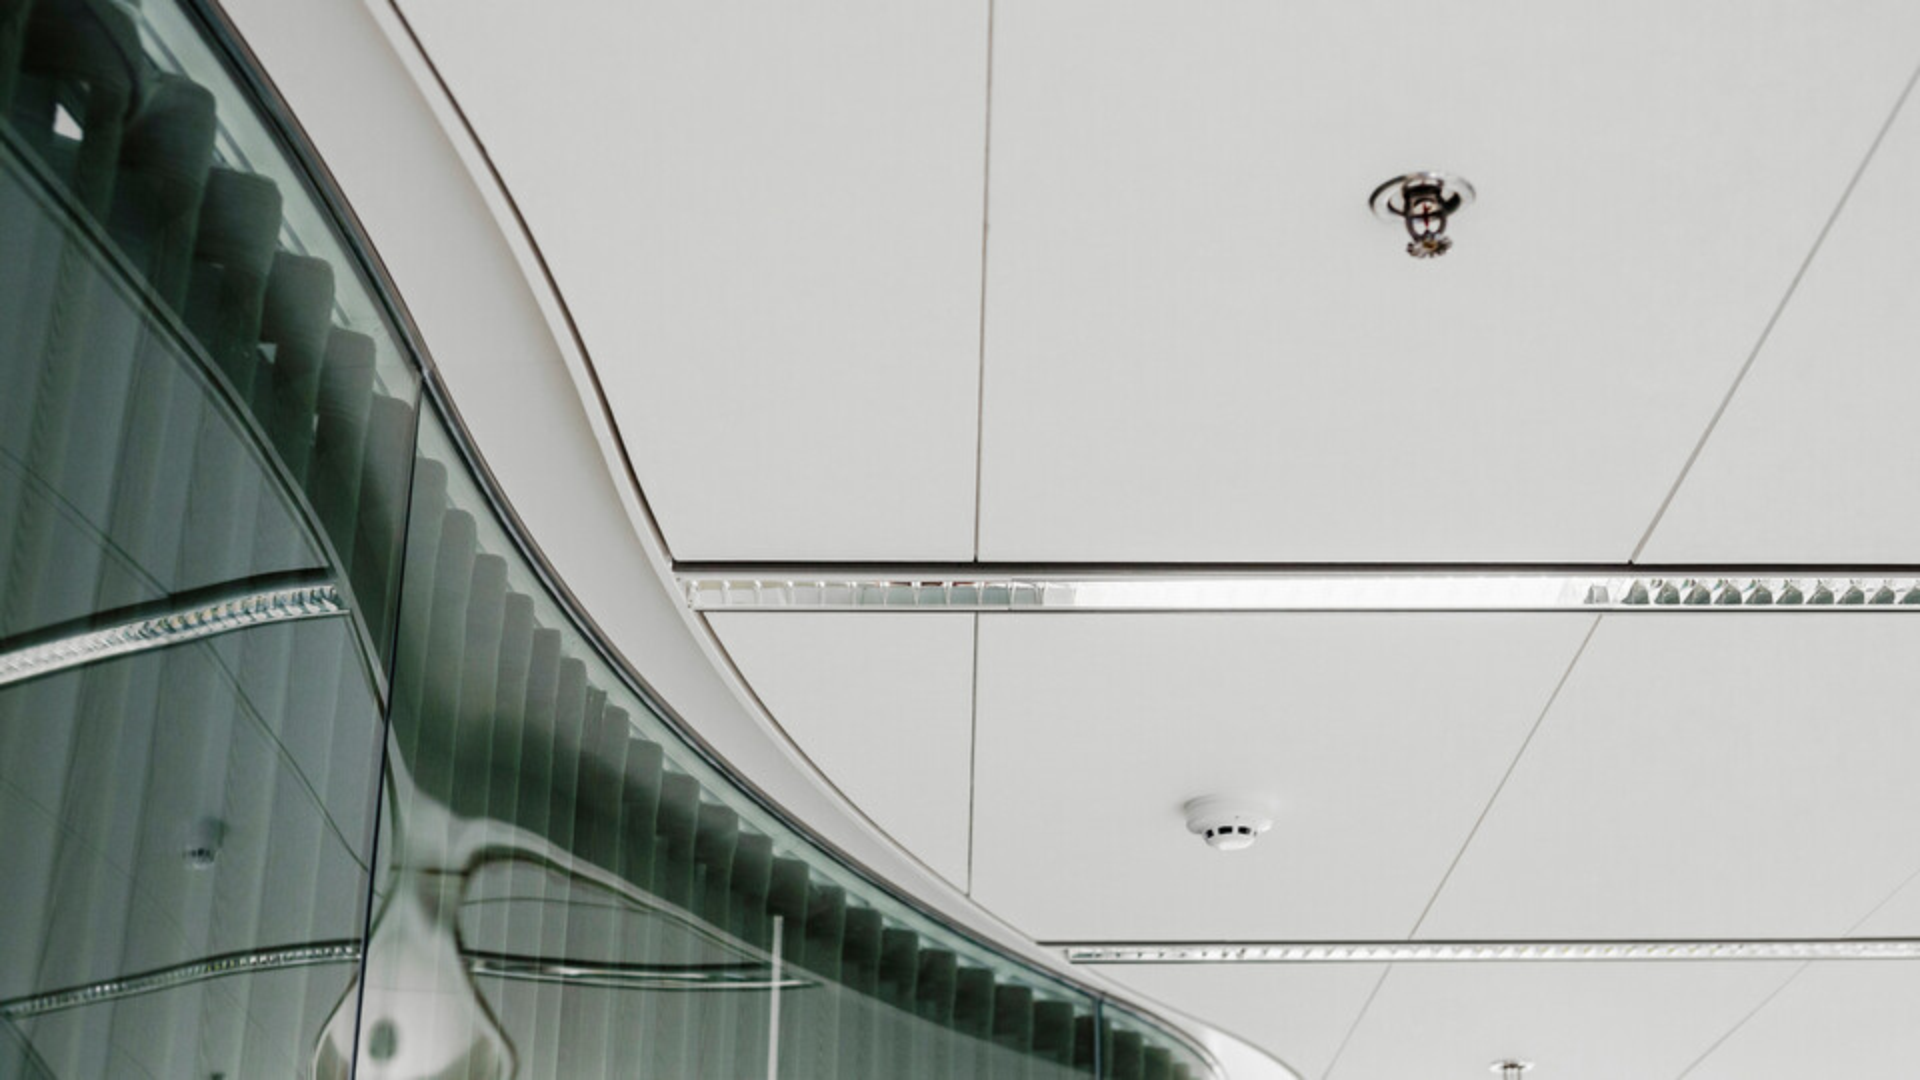 UPM Headquarters, Helsinki, Finland, ALA Architects and Helin & Co Architects, UPM - The Biofore Company, Debreta, KUVATOIMISTO KUVIO OY, Krios, X-edge, Special, White, Rockfon System T24 X